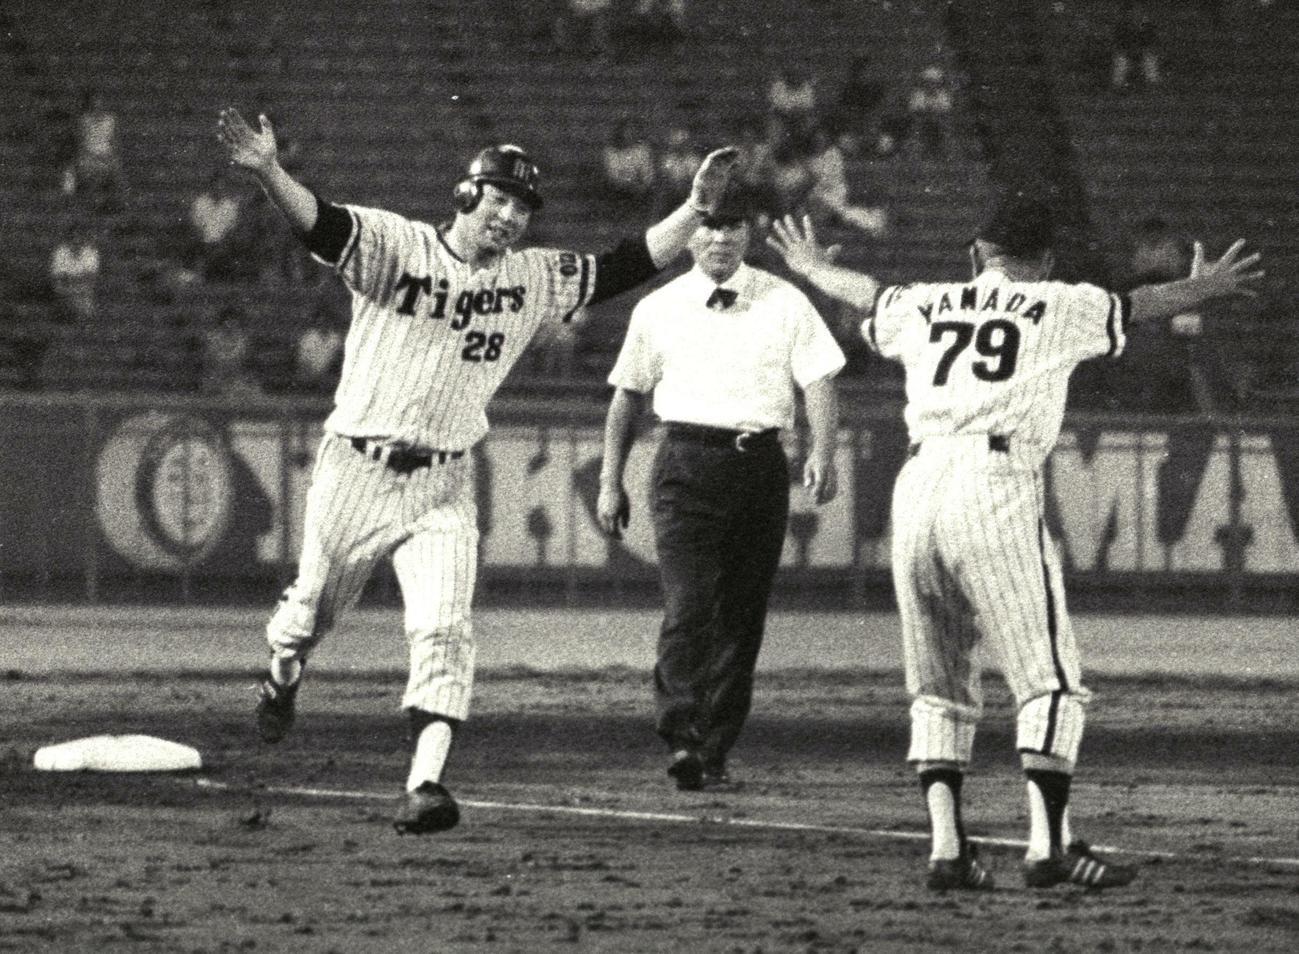 73年8月30日、阪神対中日 江夏が延長11回裏、ノーヒット・ノーランも達成するサヨナラ本塁打を放ち万歳しながら本塁に向かう